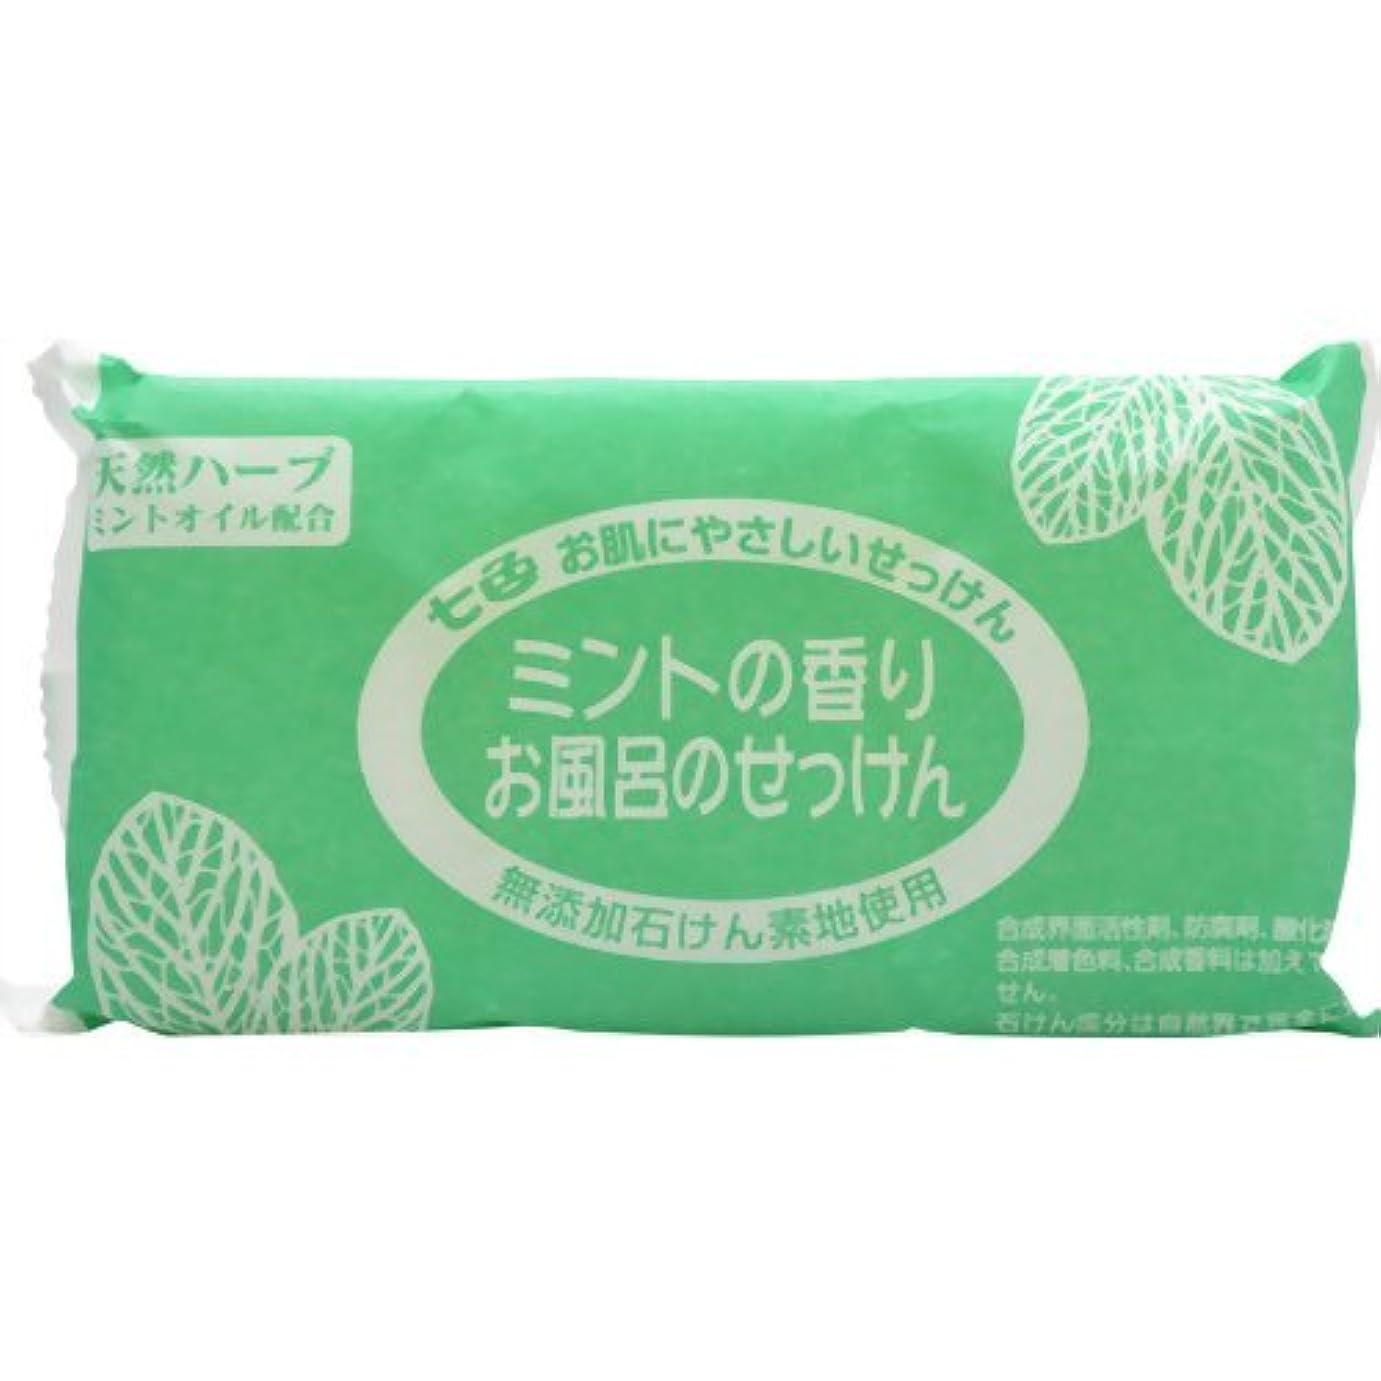 最大工場ベンチャー七色 お風呂のせっけん ミントの香り(無添加石鹸) 100g×3個入